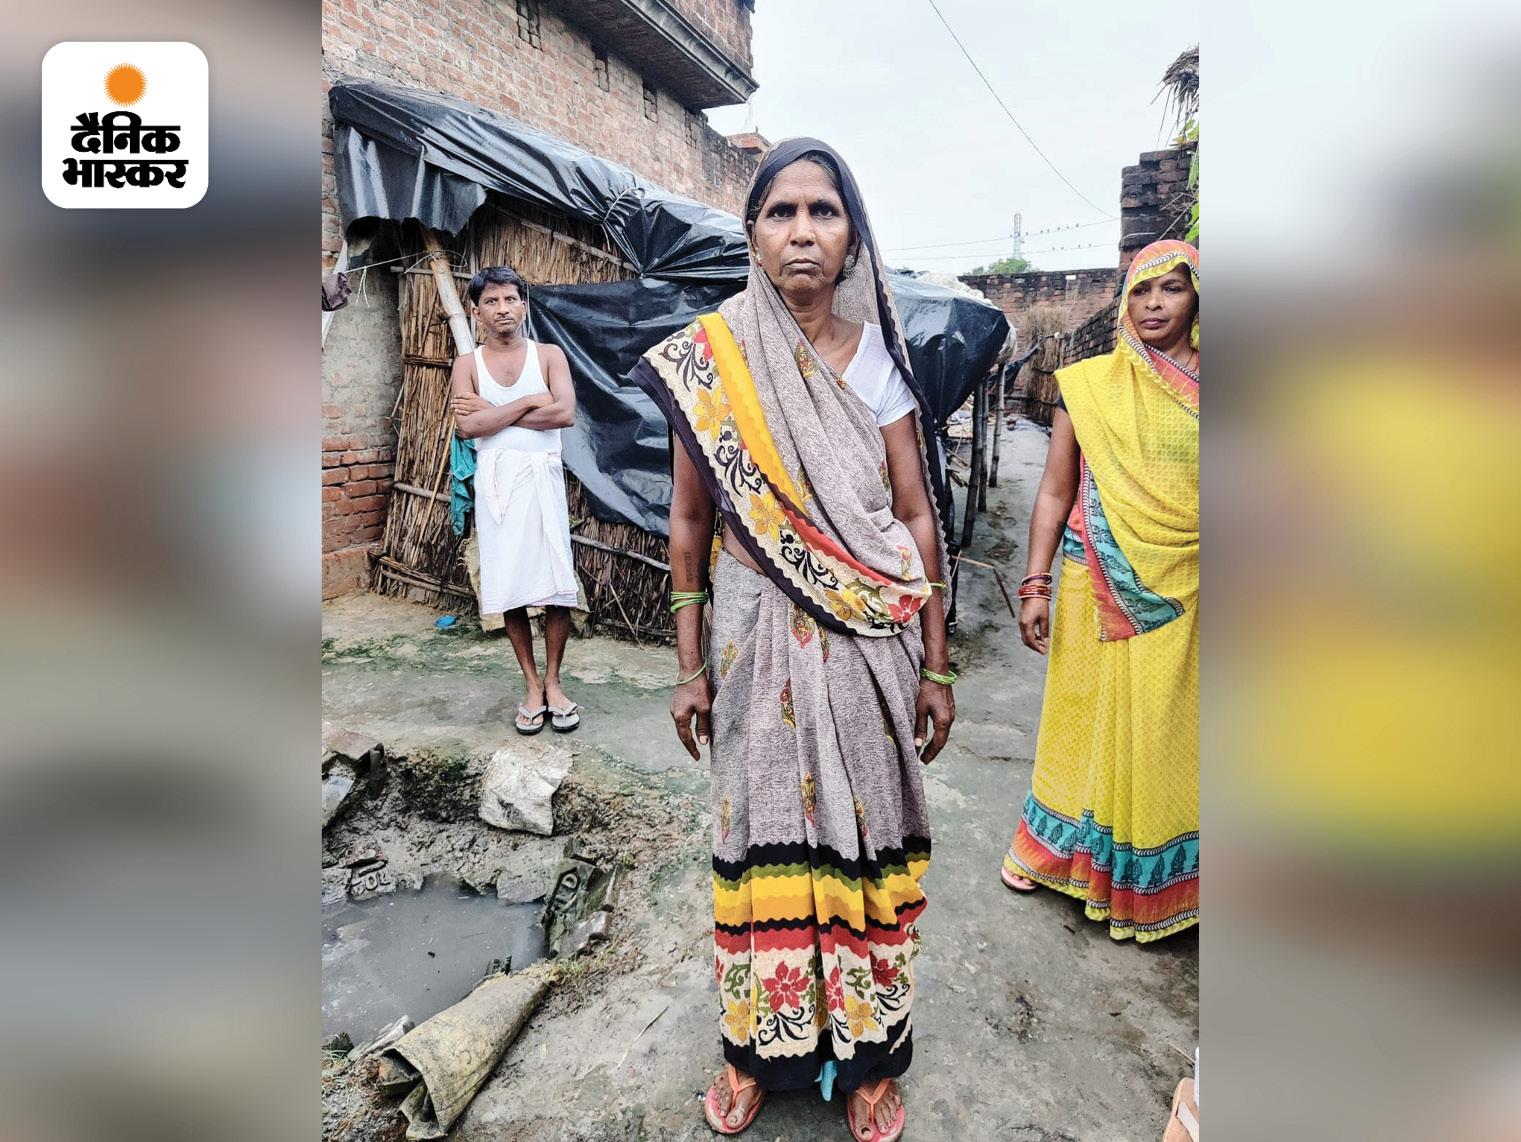 गांव की ज्यादातर महिलाएं और लड़कियां भी खुले में शौच करने को मजबूर हैं।